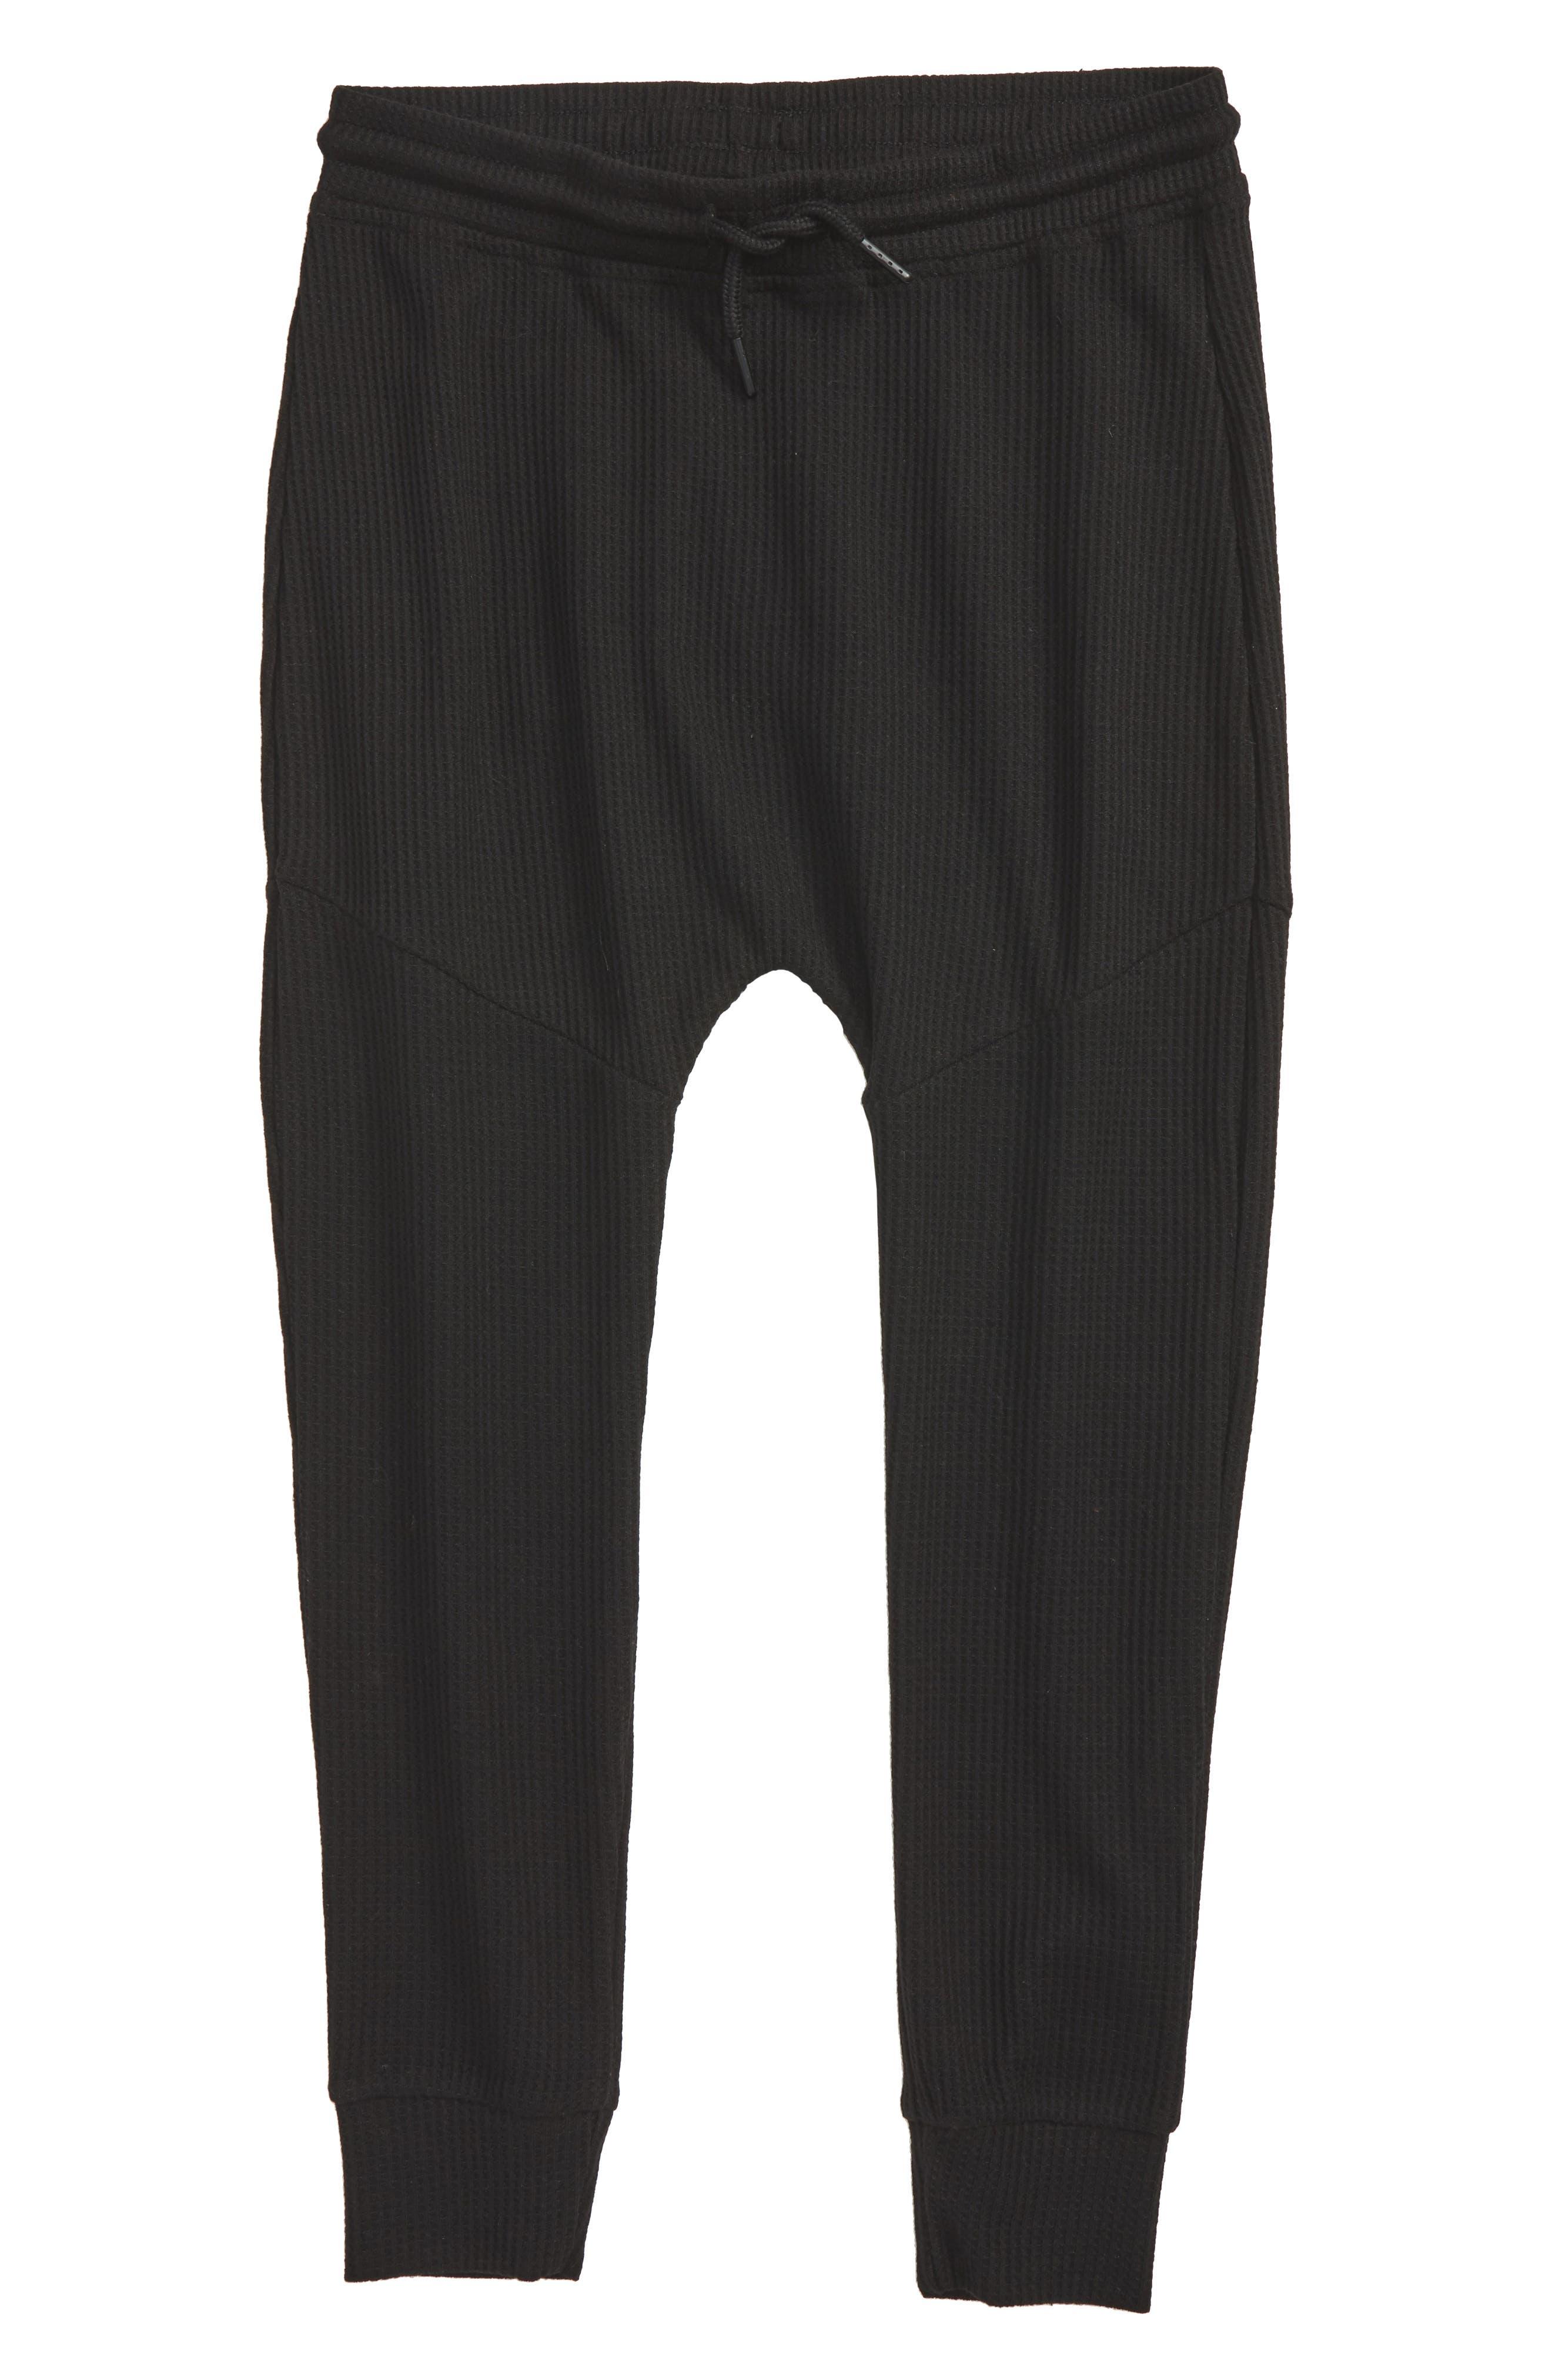 Jude Thermal Knit Jogger Pants,                             Main thumbnail 1, color,                             001